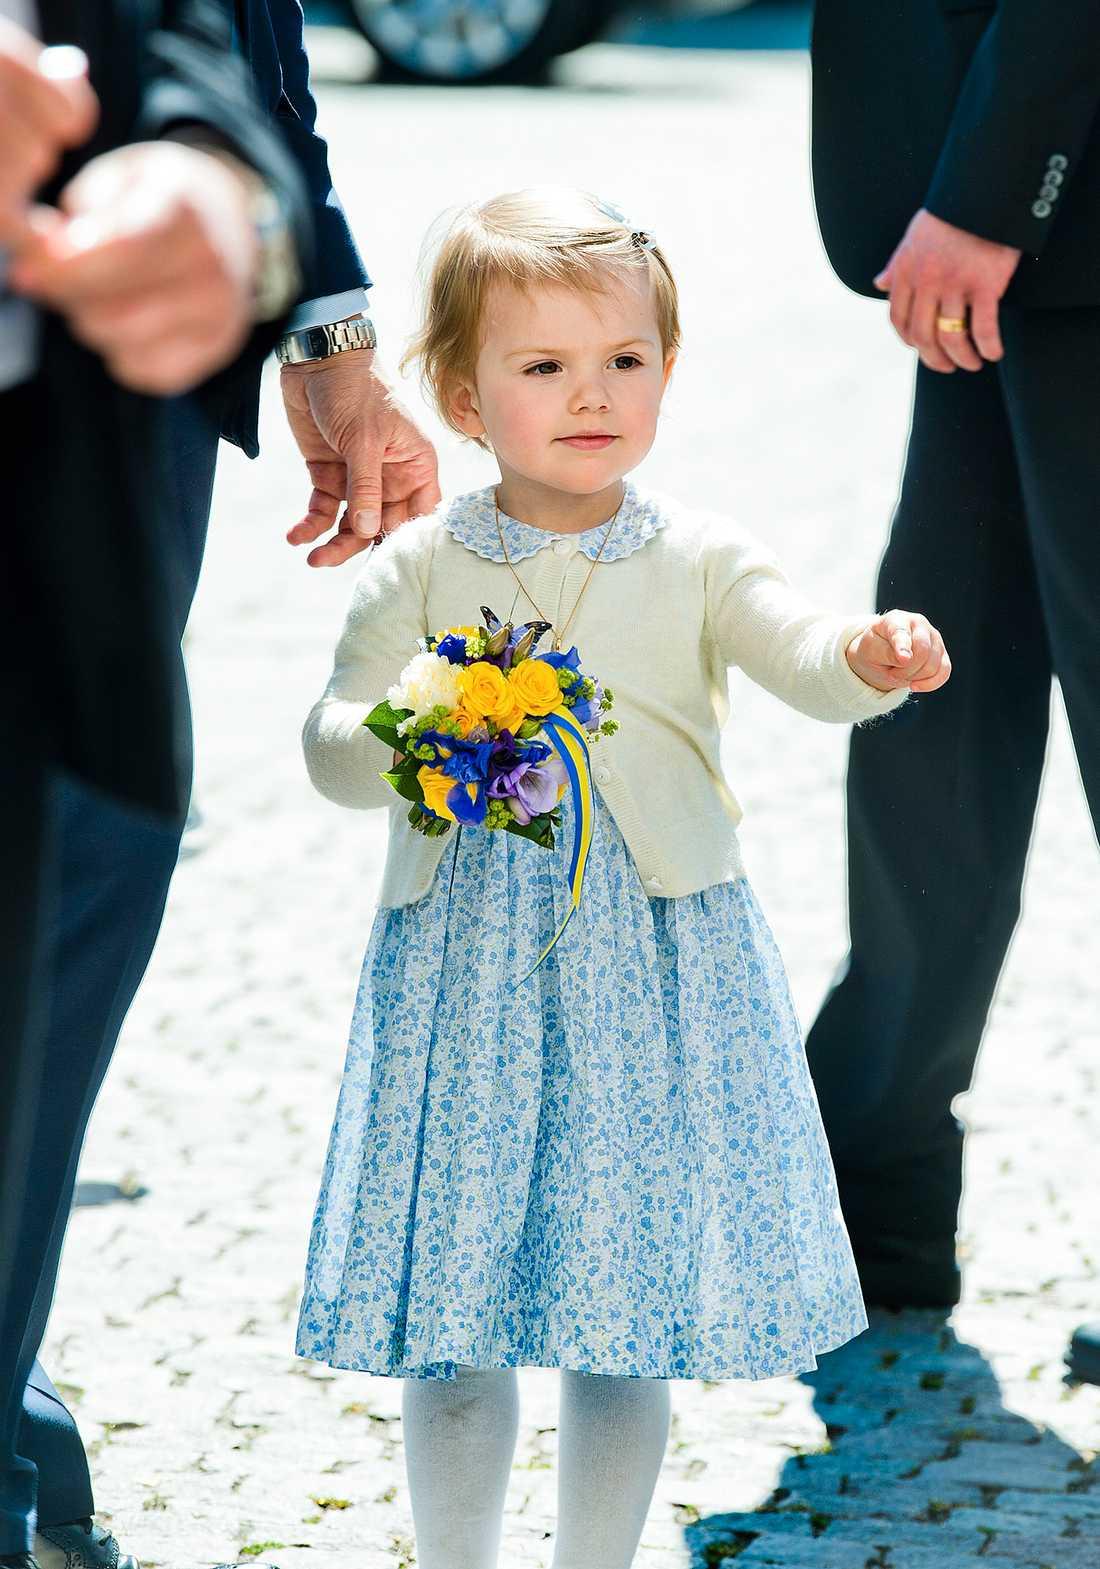 Prinsessan gör sitt första officella uppdrag tillsammans med mamma Victoria och pappa Daniel klädd i blåblommig klänning matchat med citrongul kofta.